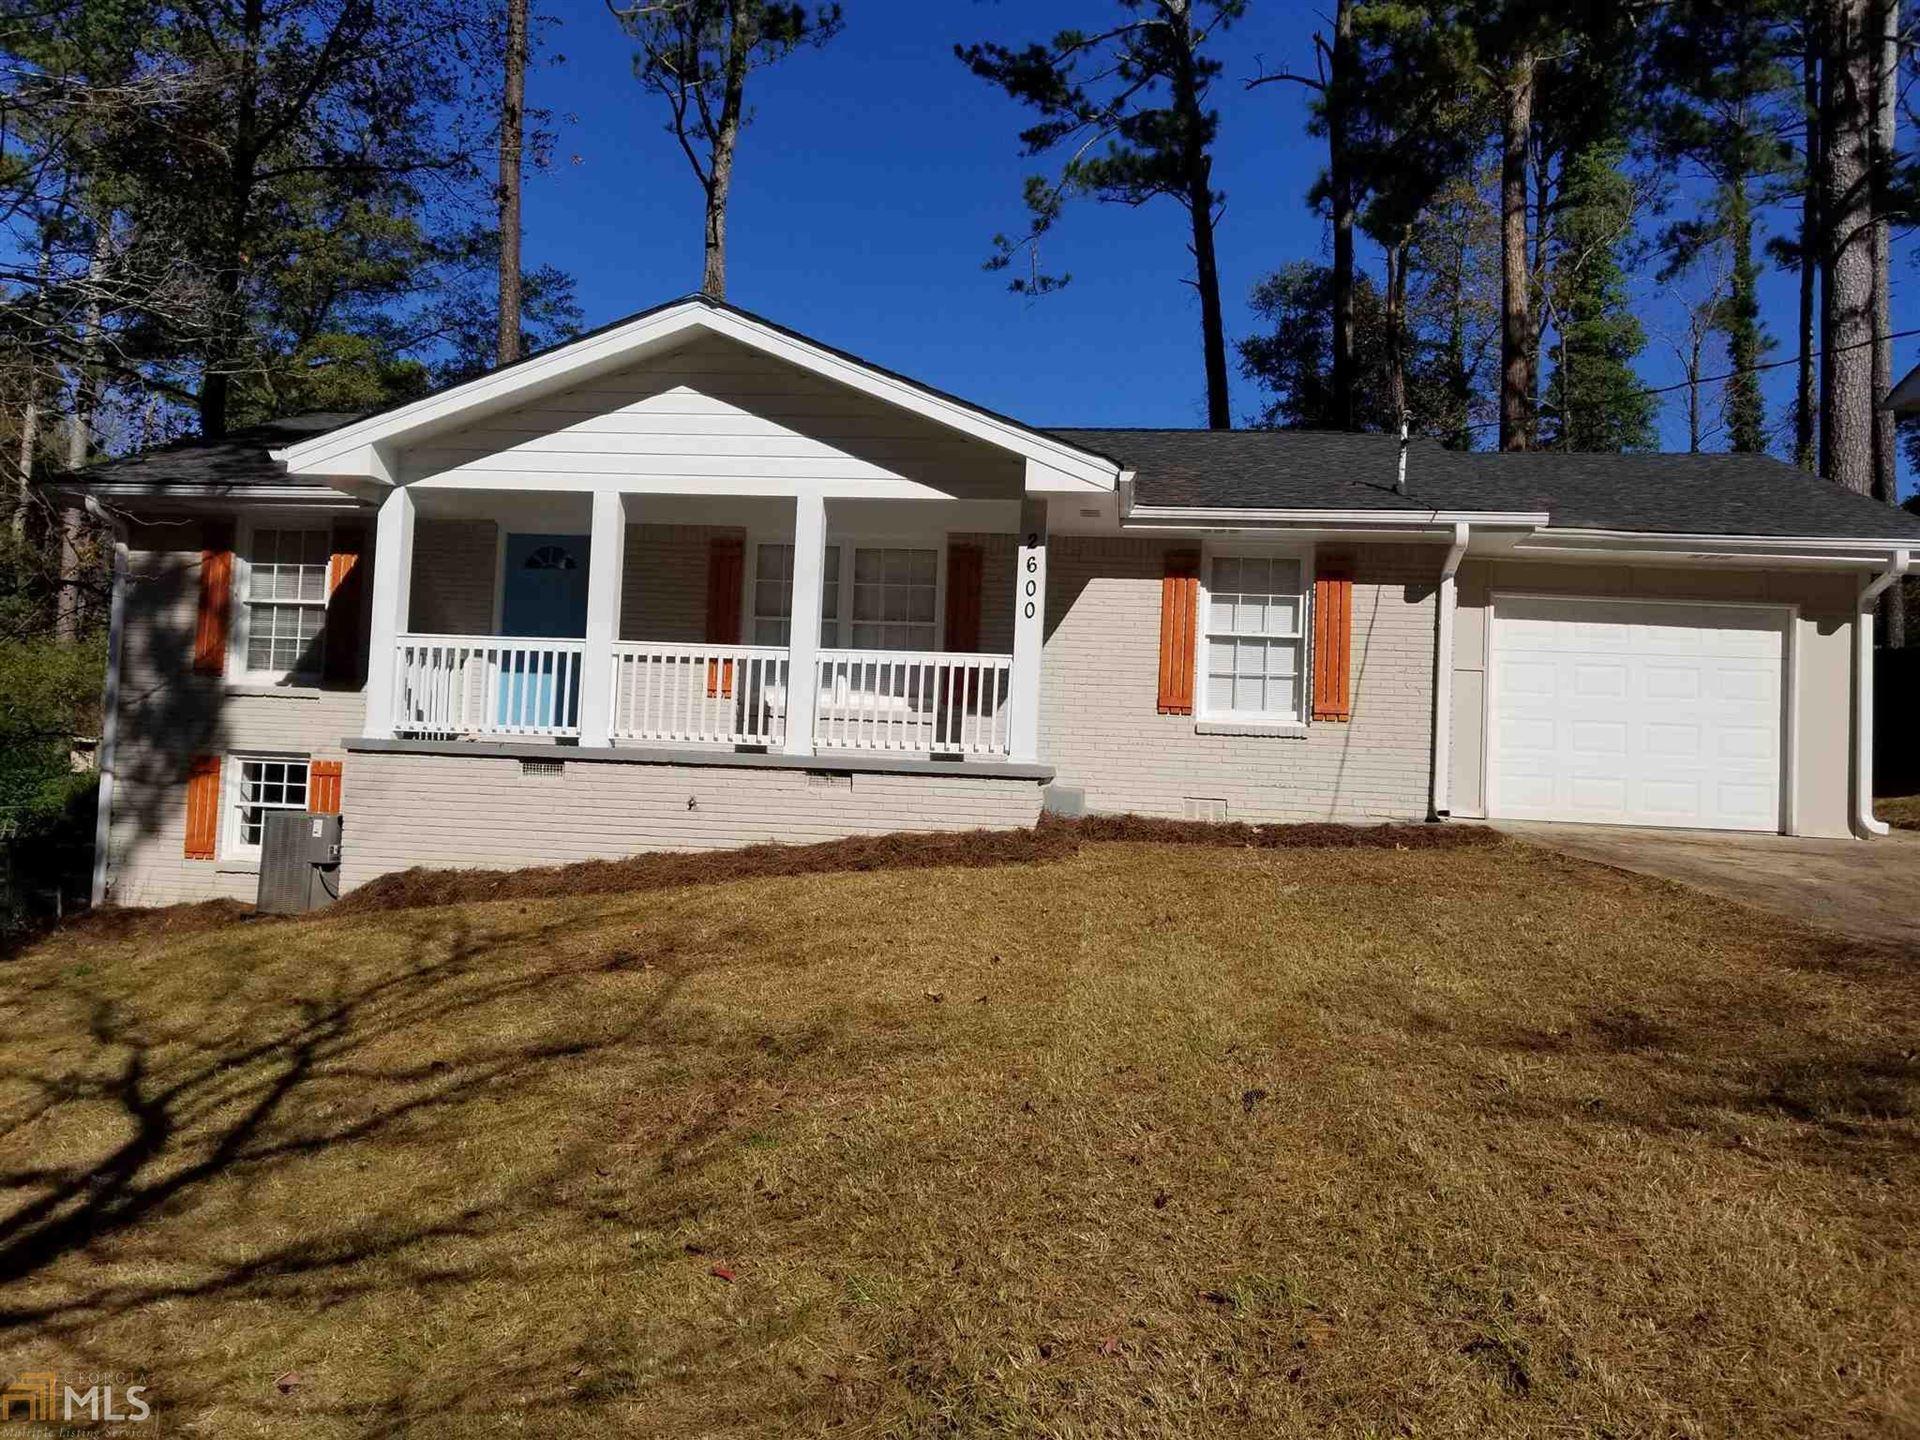 2600 Cohassett, Decatur, GA 30034 - MLS#: 8889883